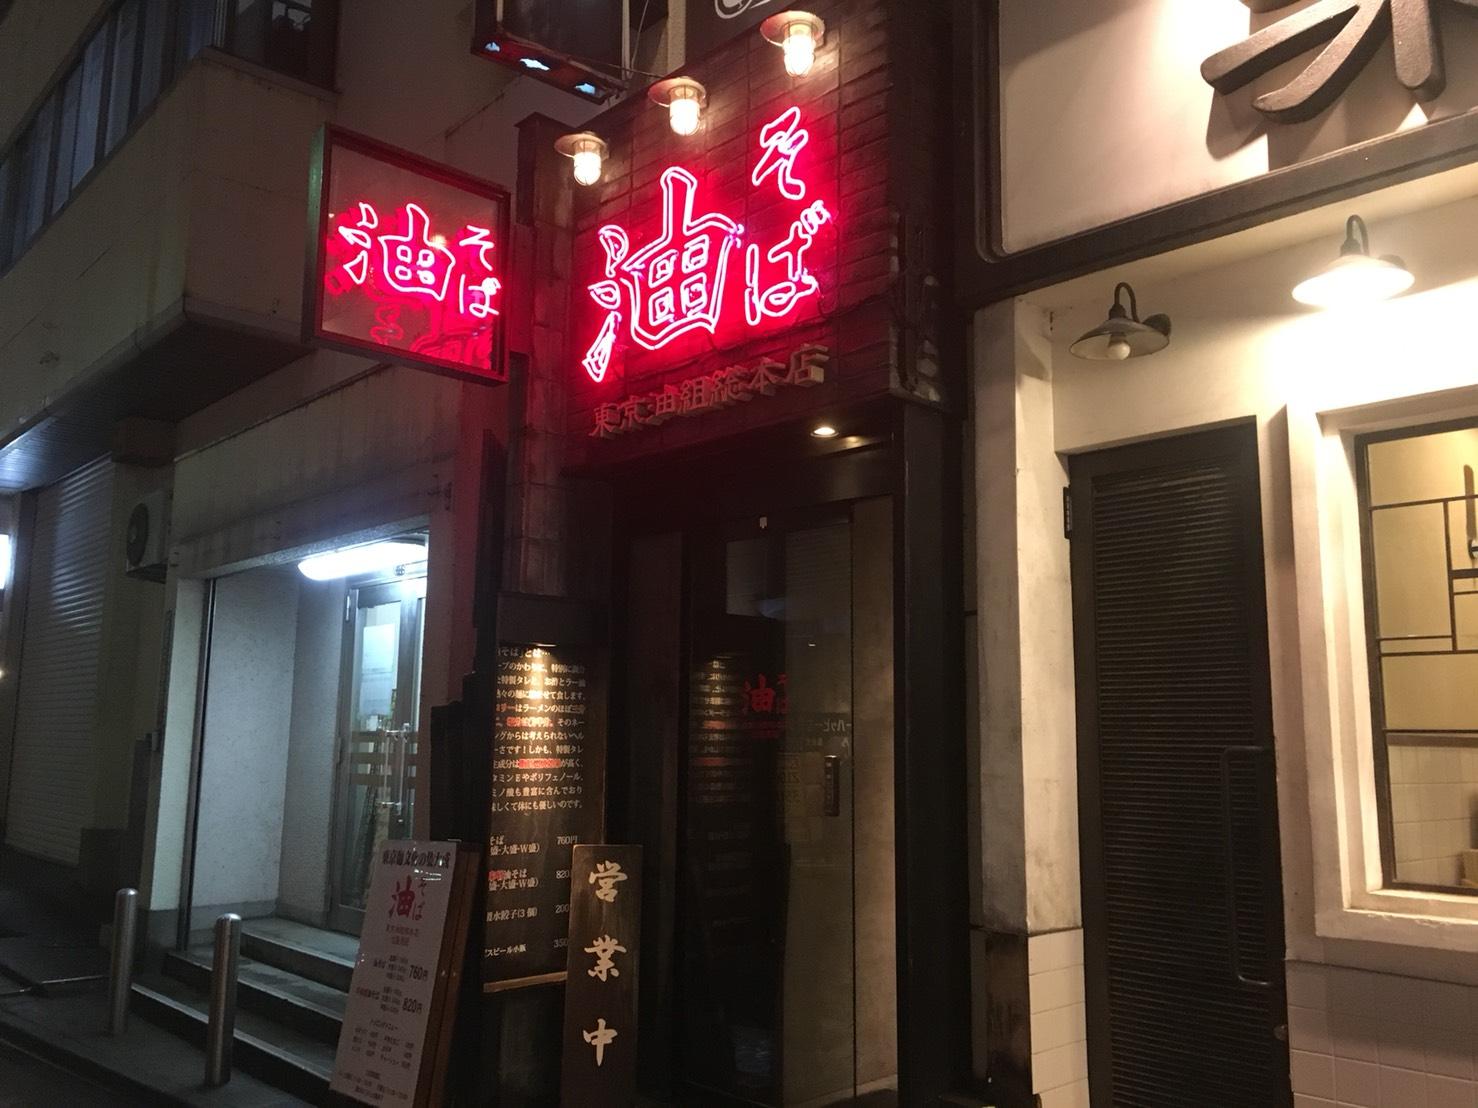 【池袋駅】自分好みの味を楽んで!実はヘルシーなやみつき油そば「東京油組総本店 池袋東組」の外観